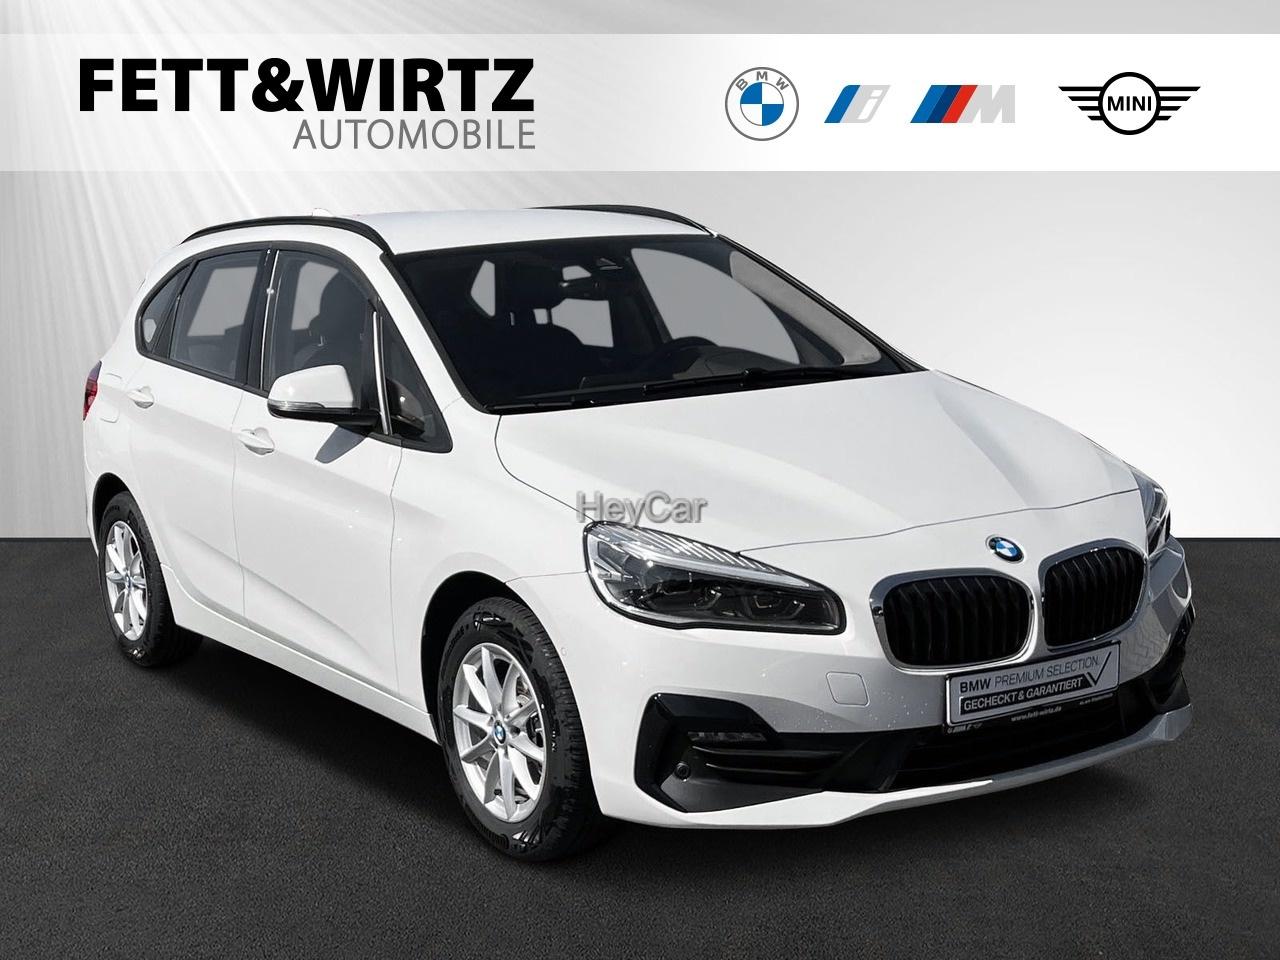 BMW 216 Active Tourer *Nur 970km* Adv. AHK LED RFK, Jahr 2020, Benzin